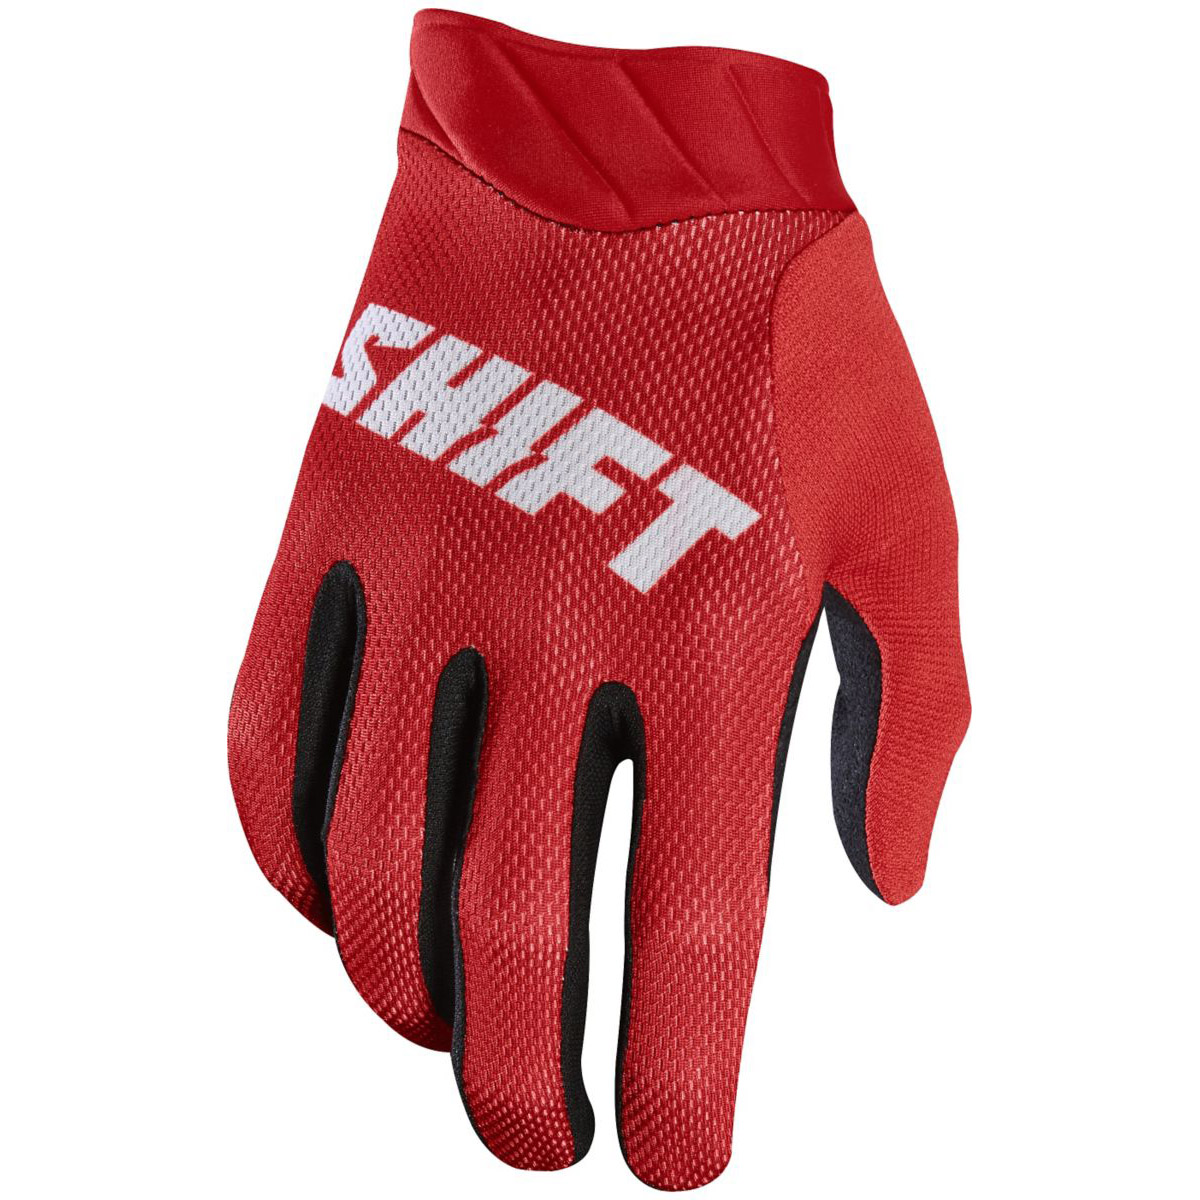 Shift - 2017 3LACK Label Air перчатки, красные